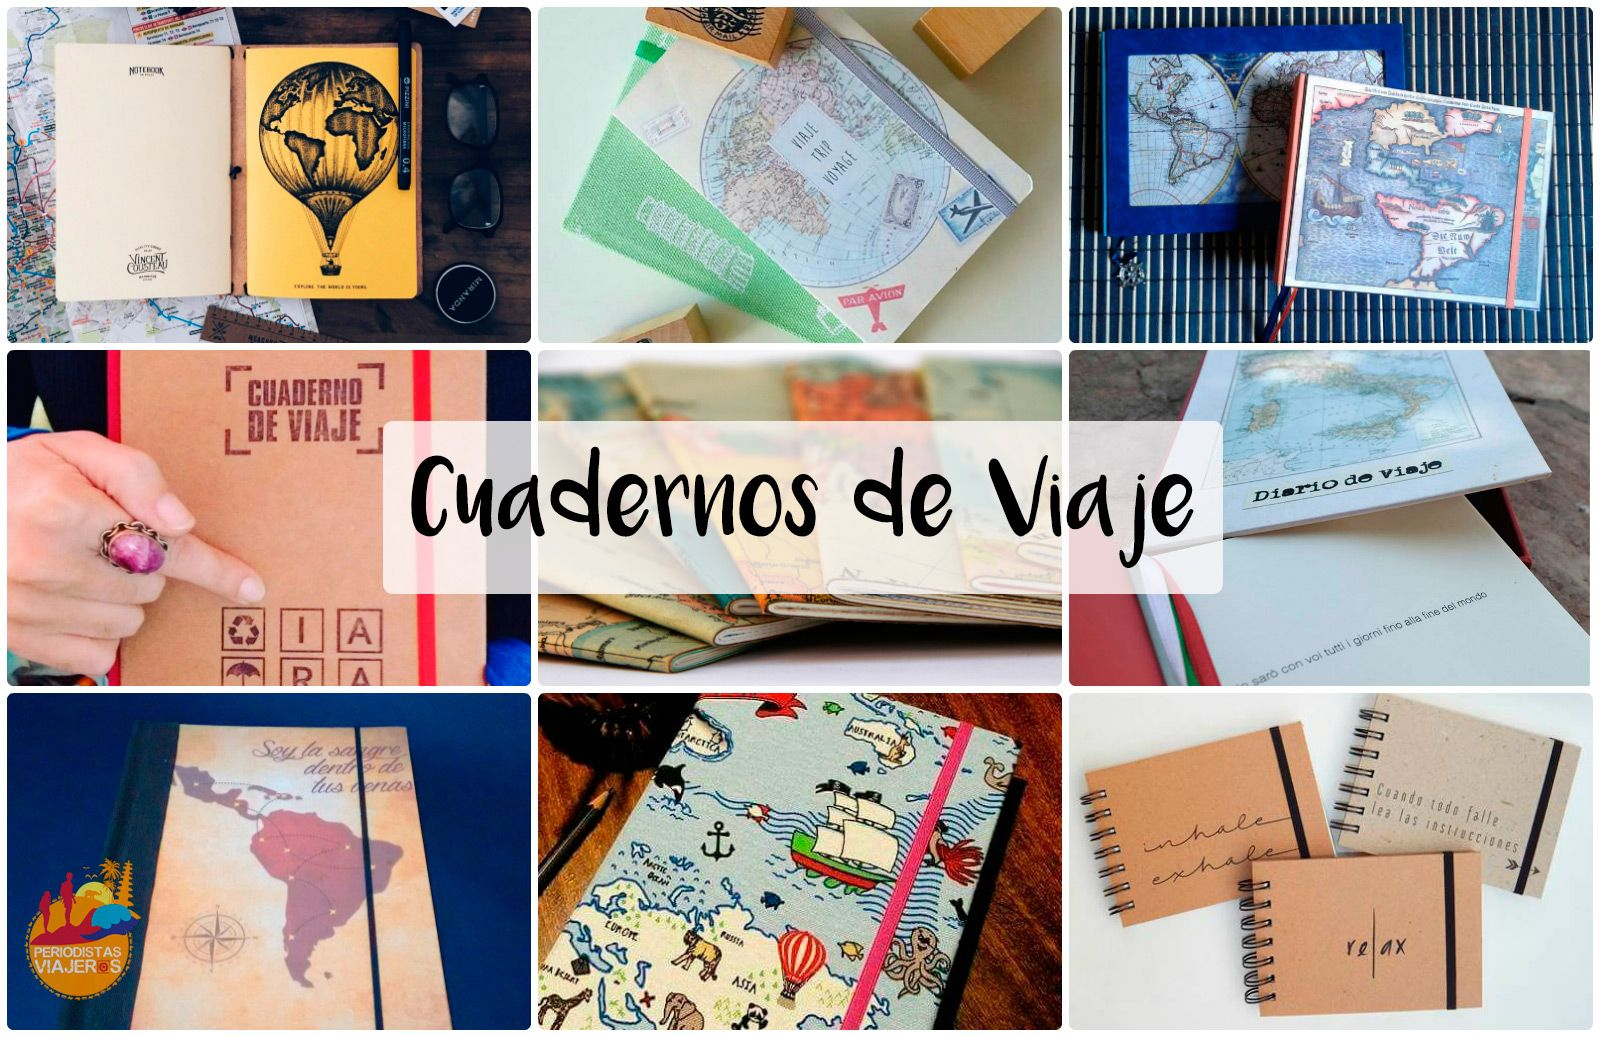 Te Gusta Hacer Anotaciones En Tus Viajes Dibujar Escribir Los Cuadernos De Viaje Y Anotadores Son Entonces Cuaderno De Viajes Cuadernos Agendas De Viaje